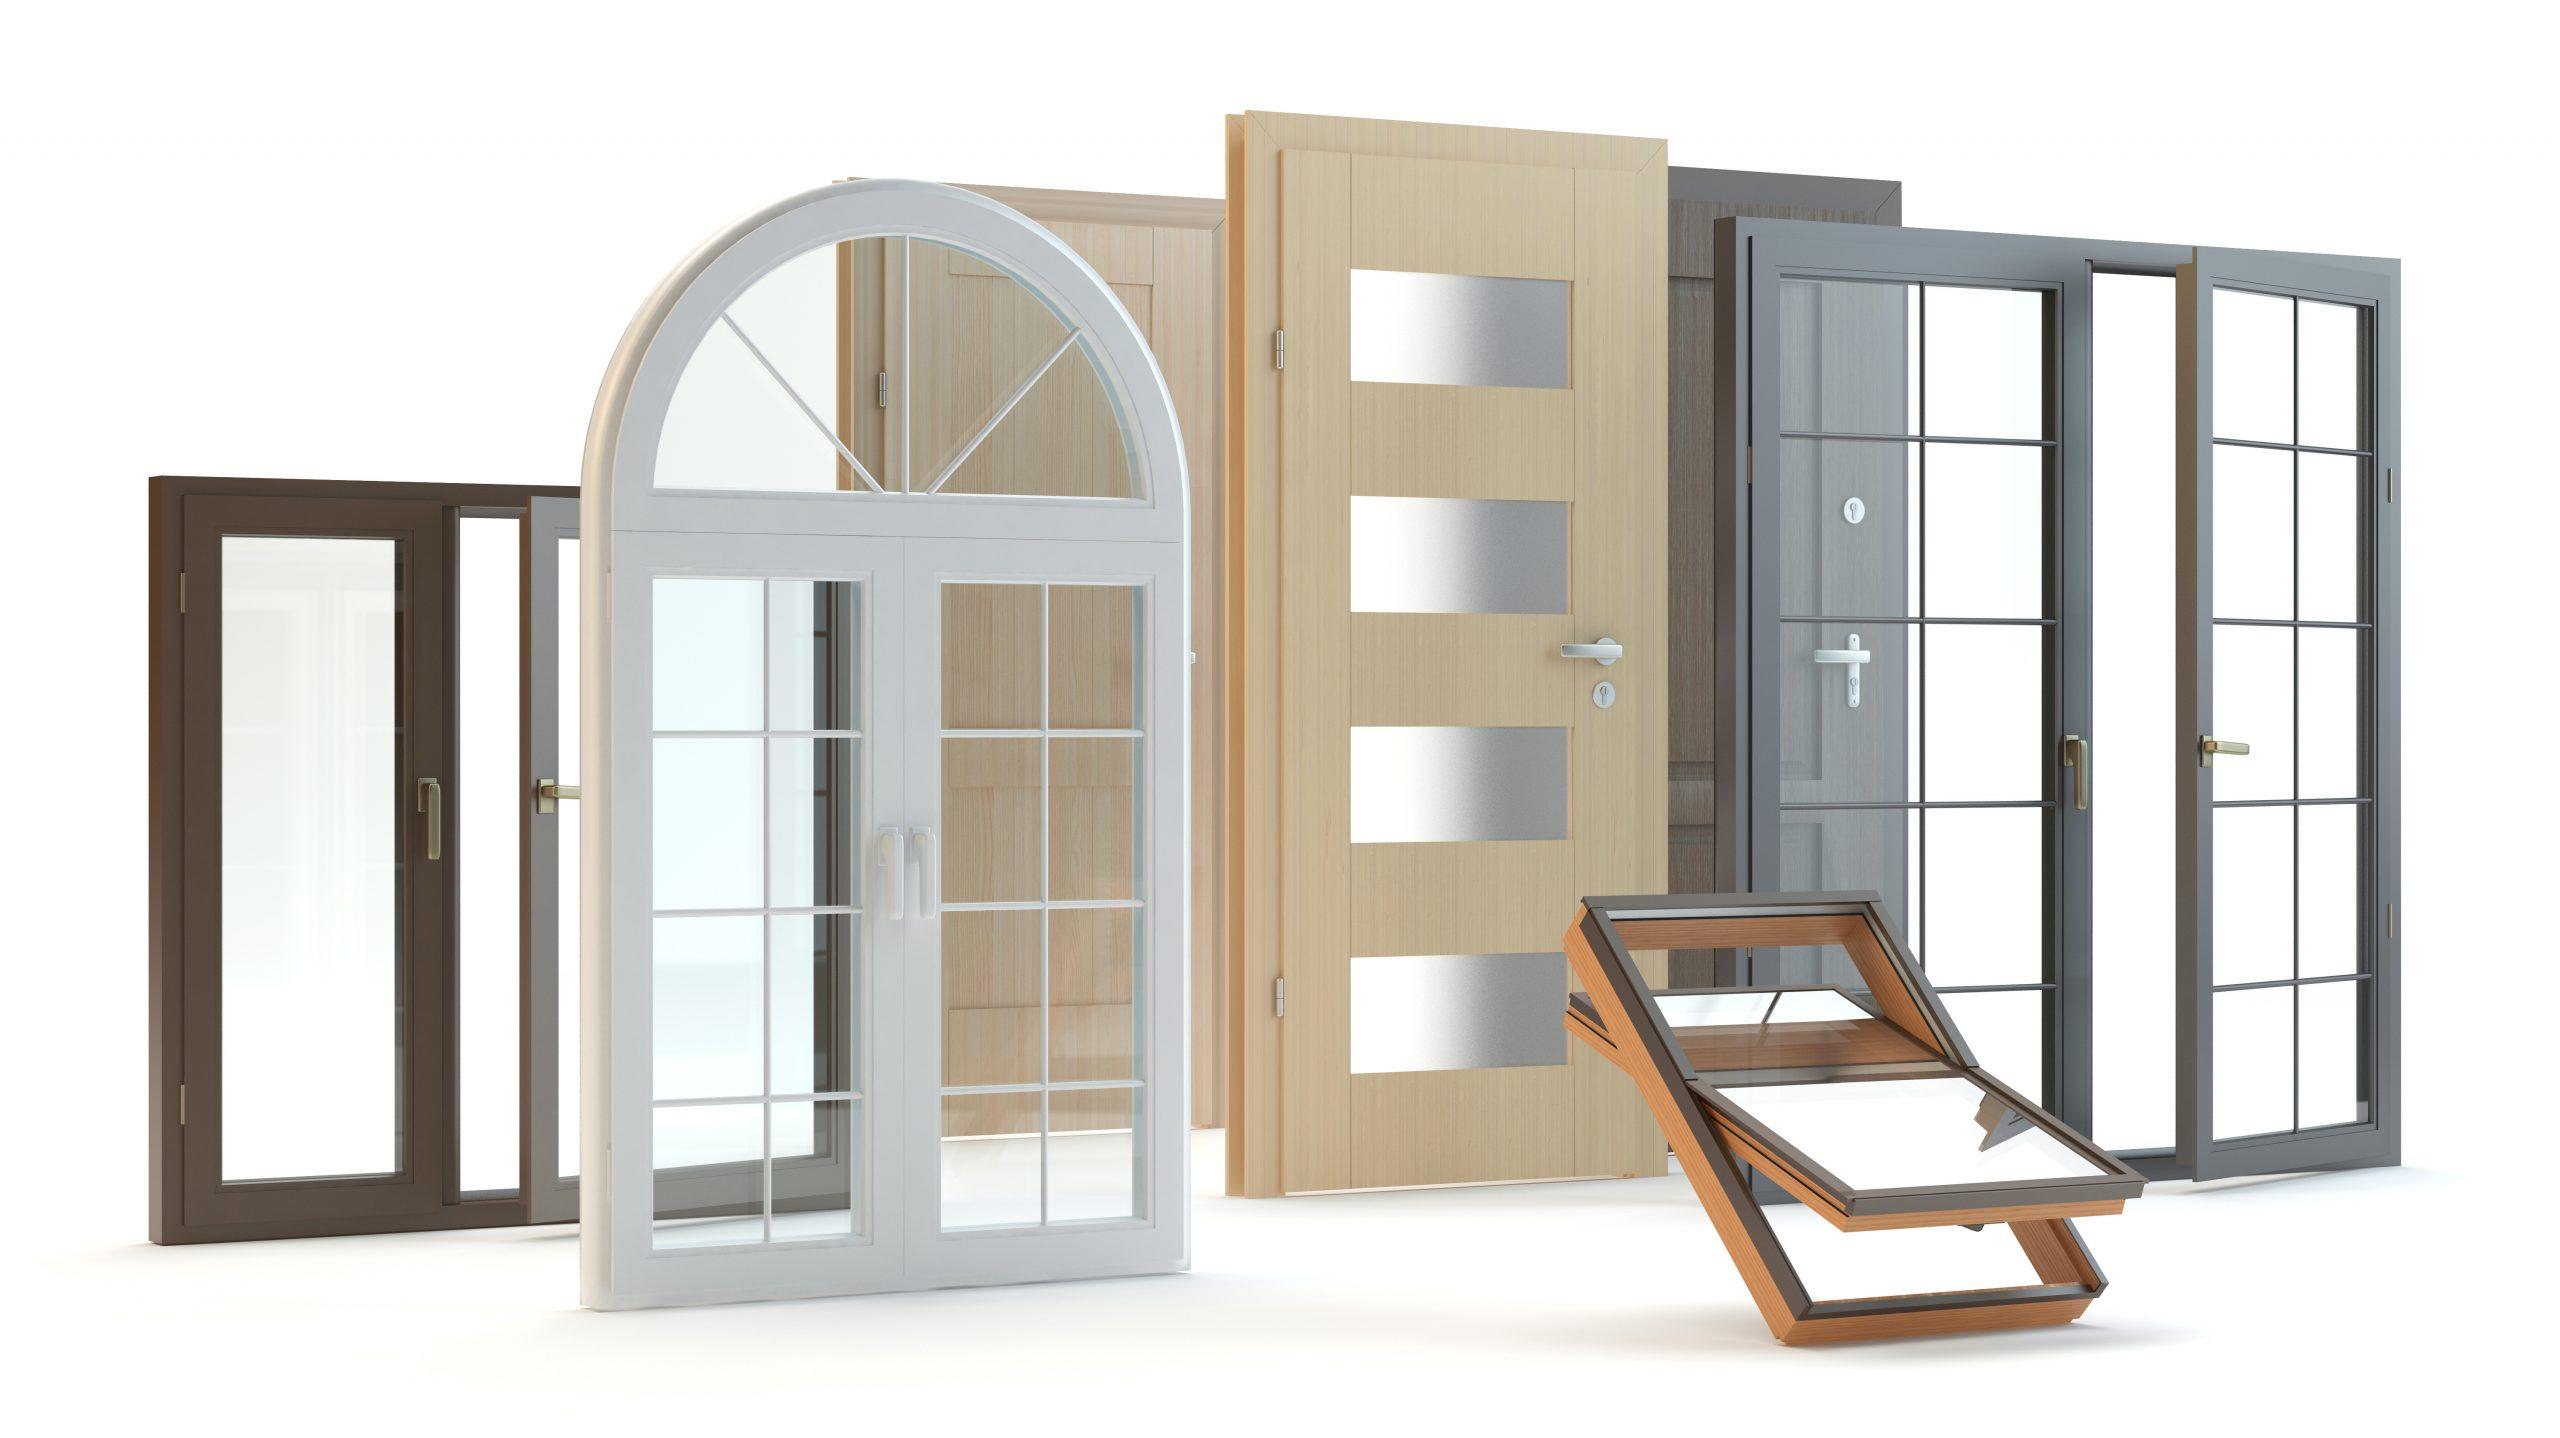 Full Size of Rc3 Fenster Günstig Kaufen Insektenschutz Ohne Bohren Flachdach Sichtschutzfolie Einseitig Durchsichtig Bodentiefe Abdichten Fliegengitter Rollo Fenster Fenster Türen